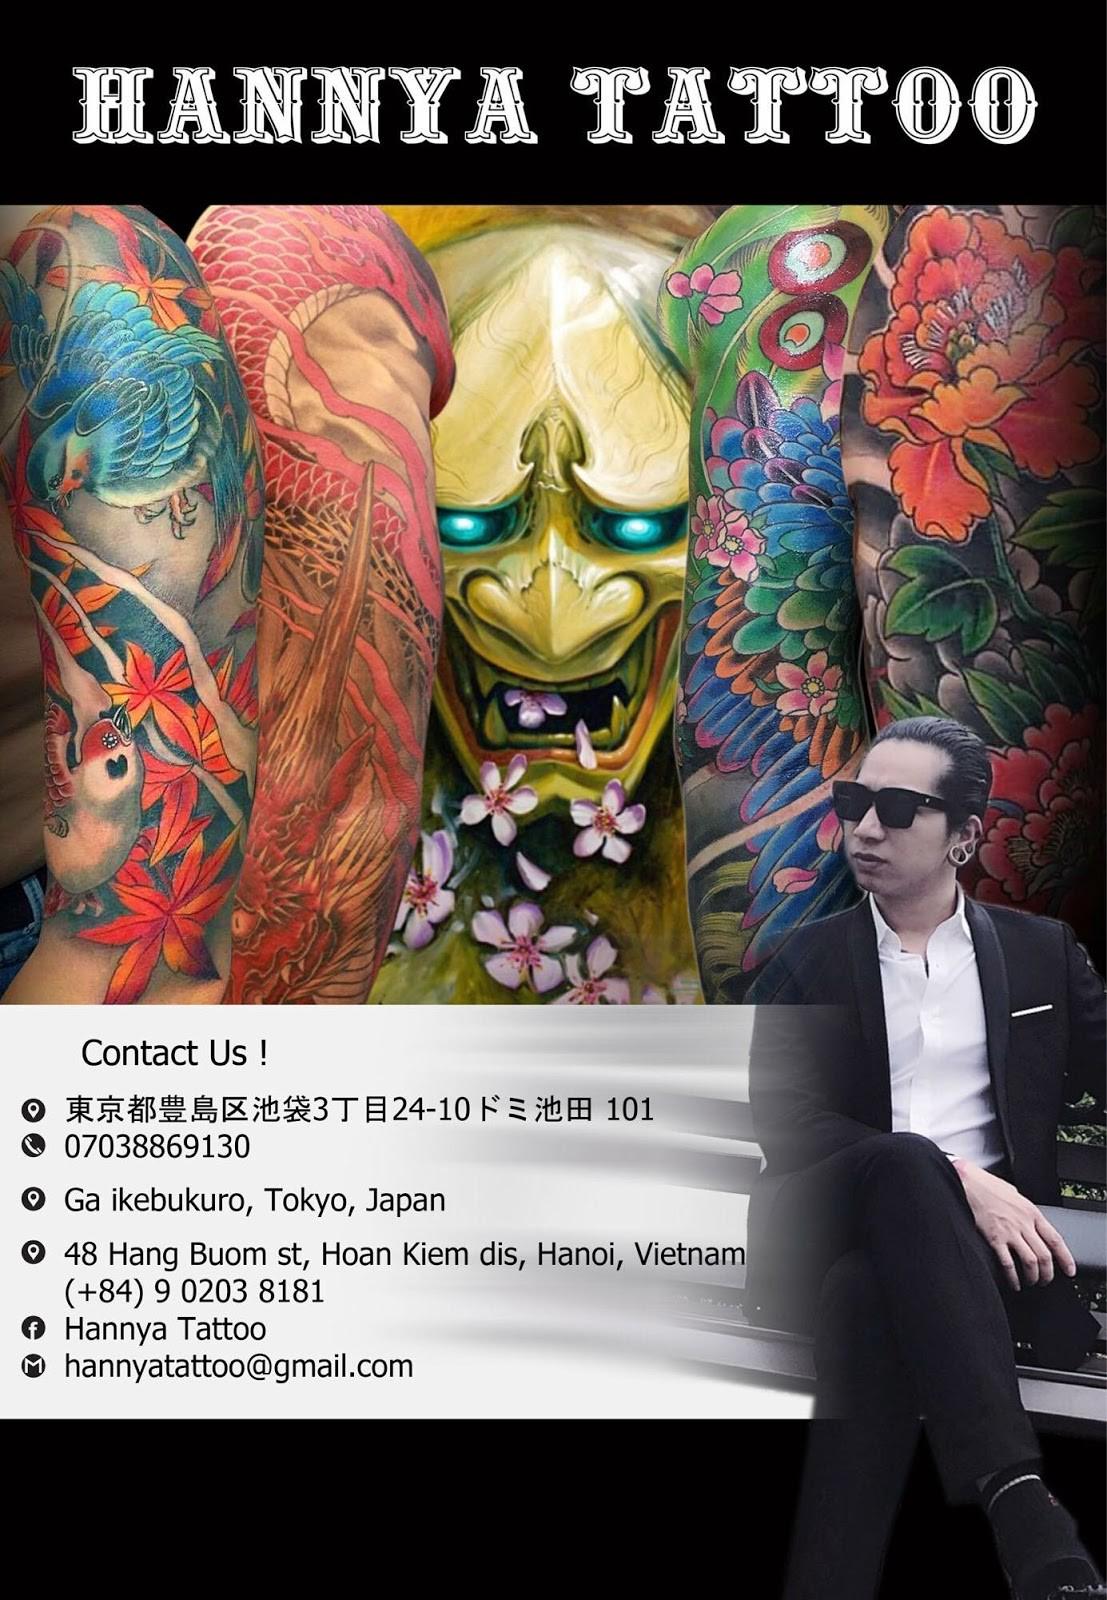 Từ Hà Nội tới Tokyo: Câu chuyện chàng nghệ sĩ đưa nghệ thuật xăm Việt tới Nhật Bản - Ảnh 4.